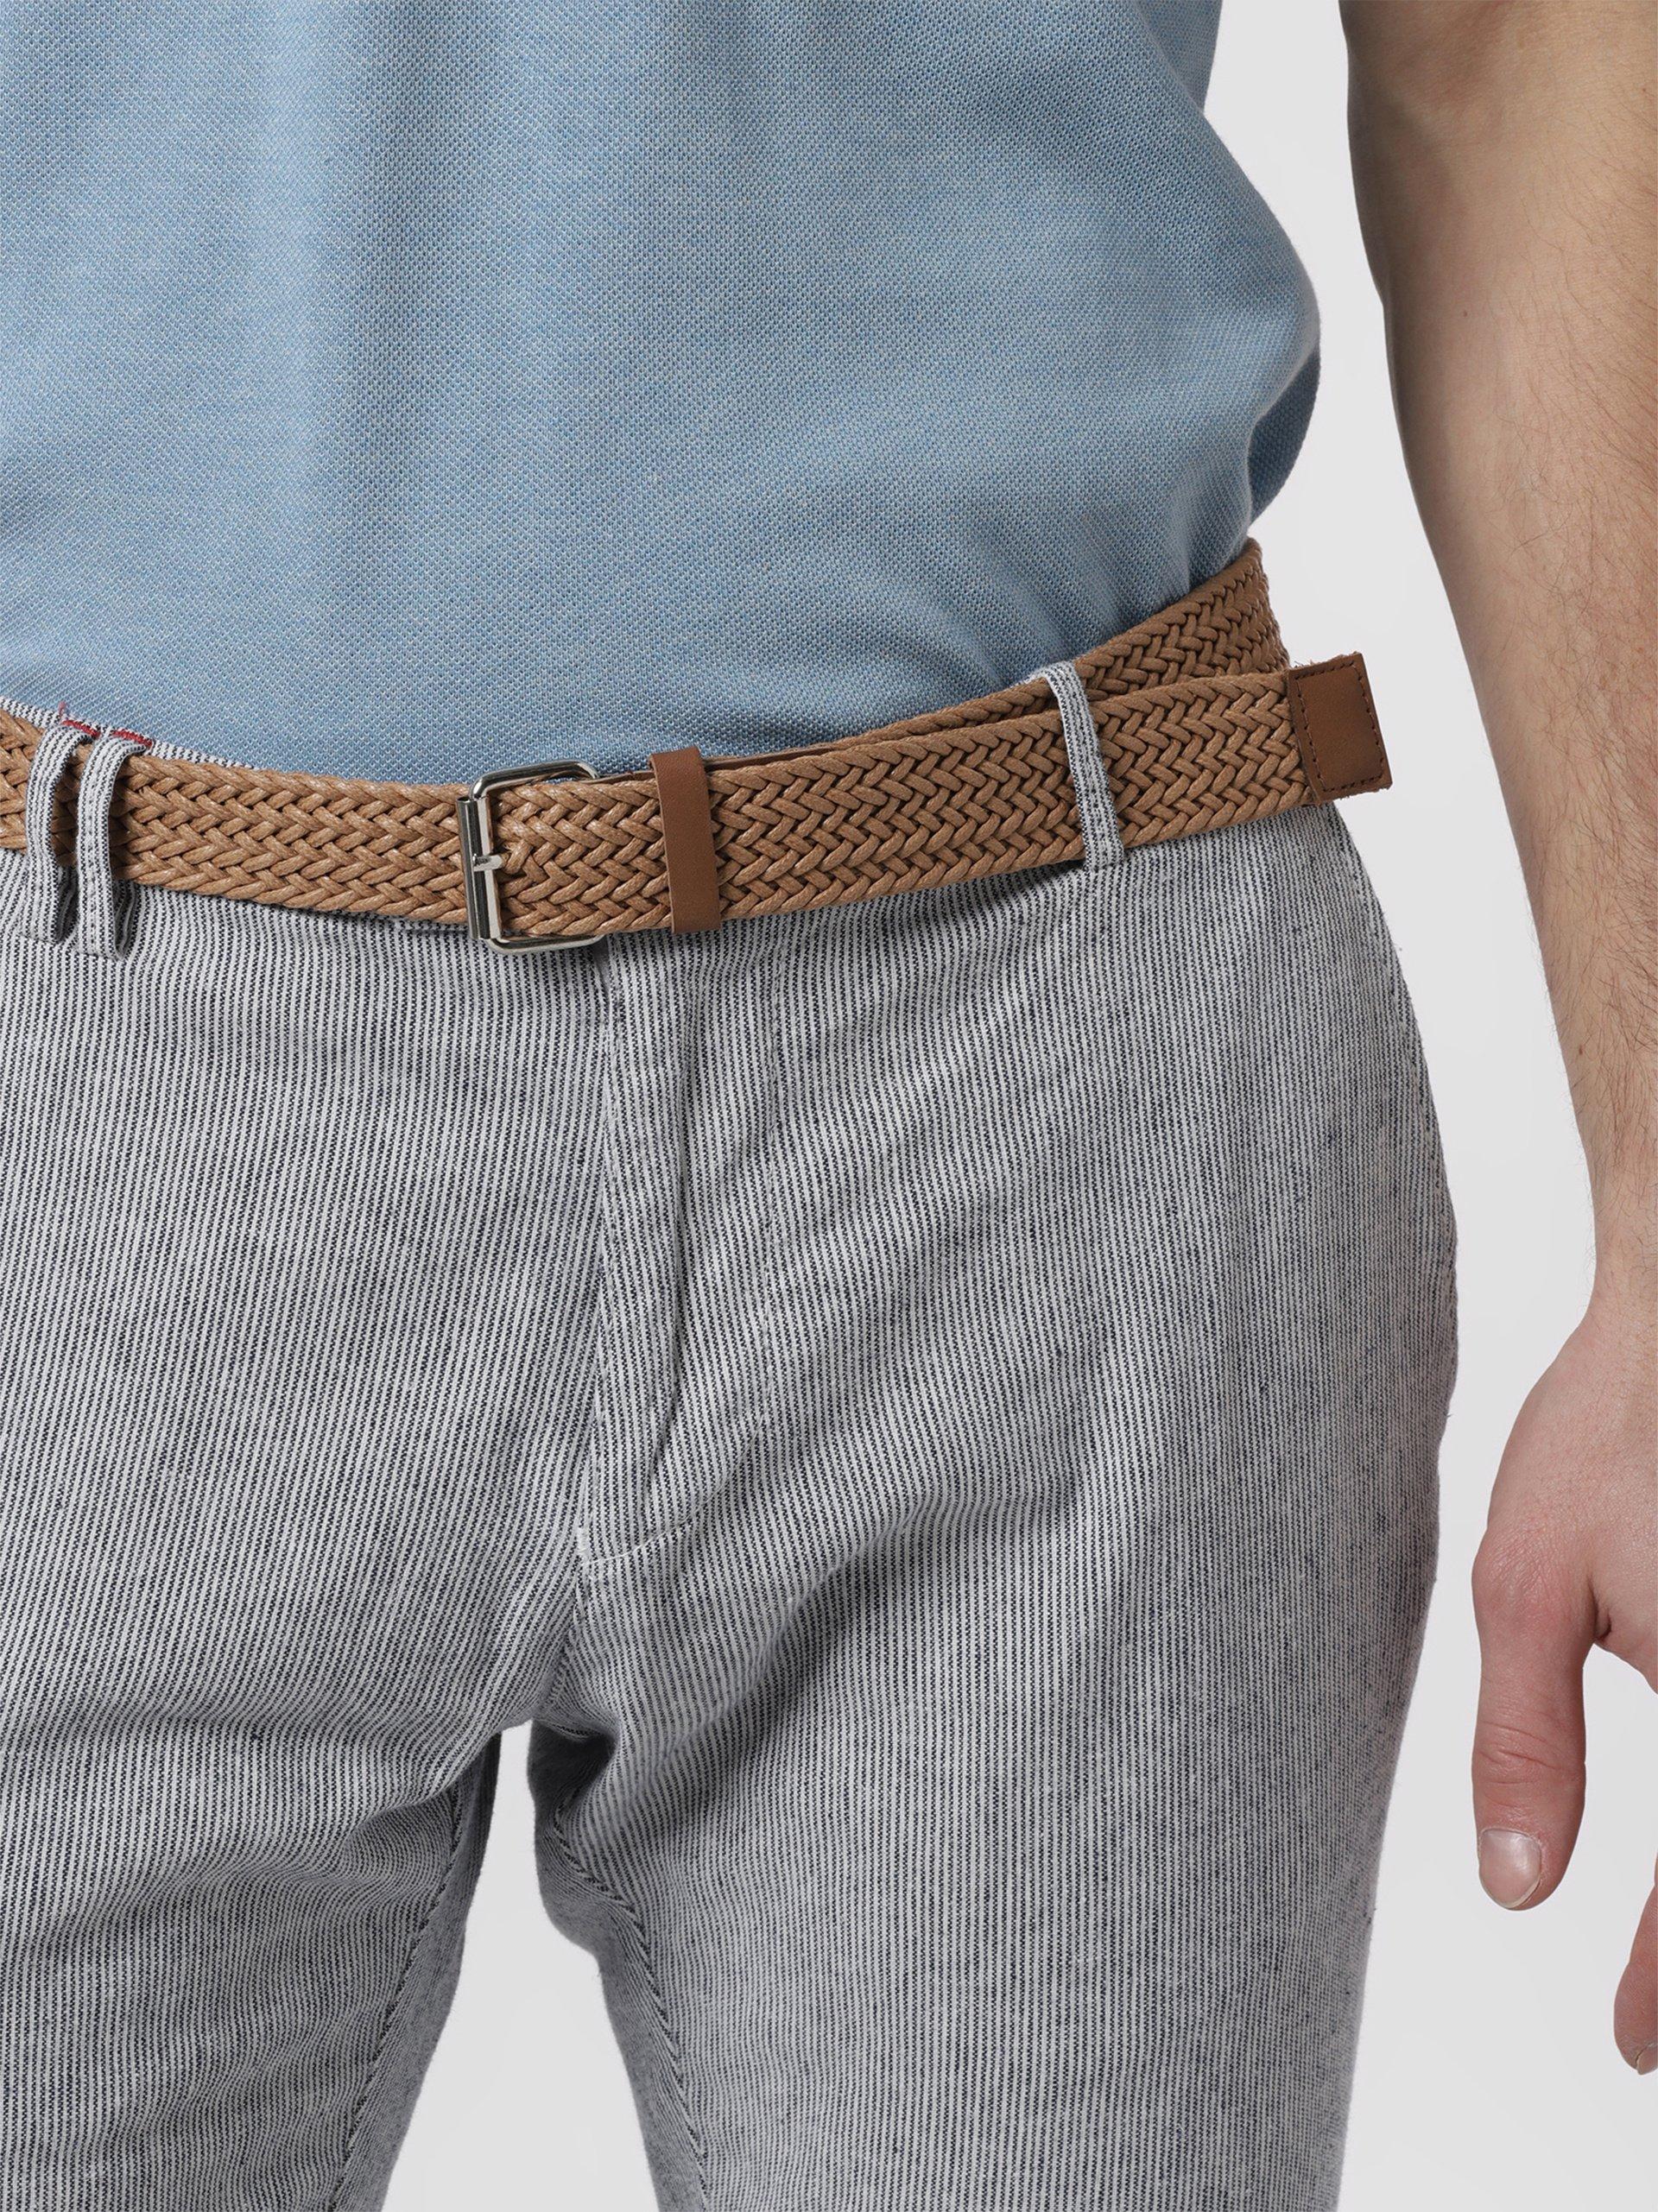 CG Spodnie męskie z dodatkiem lnu